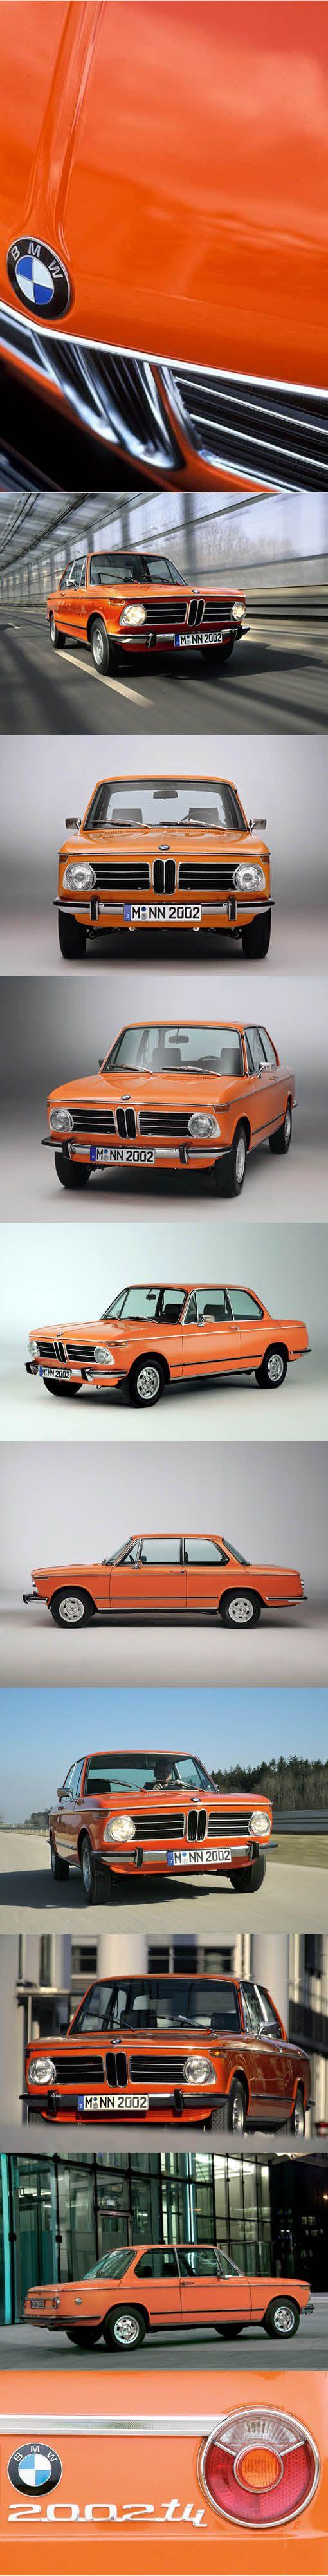 1968 BMW 2002 / Germany / orange